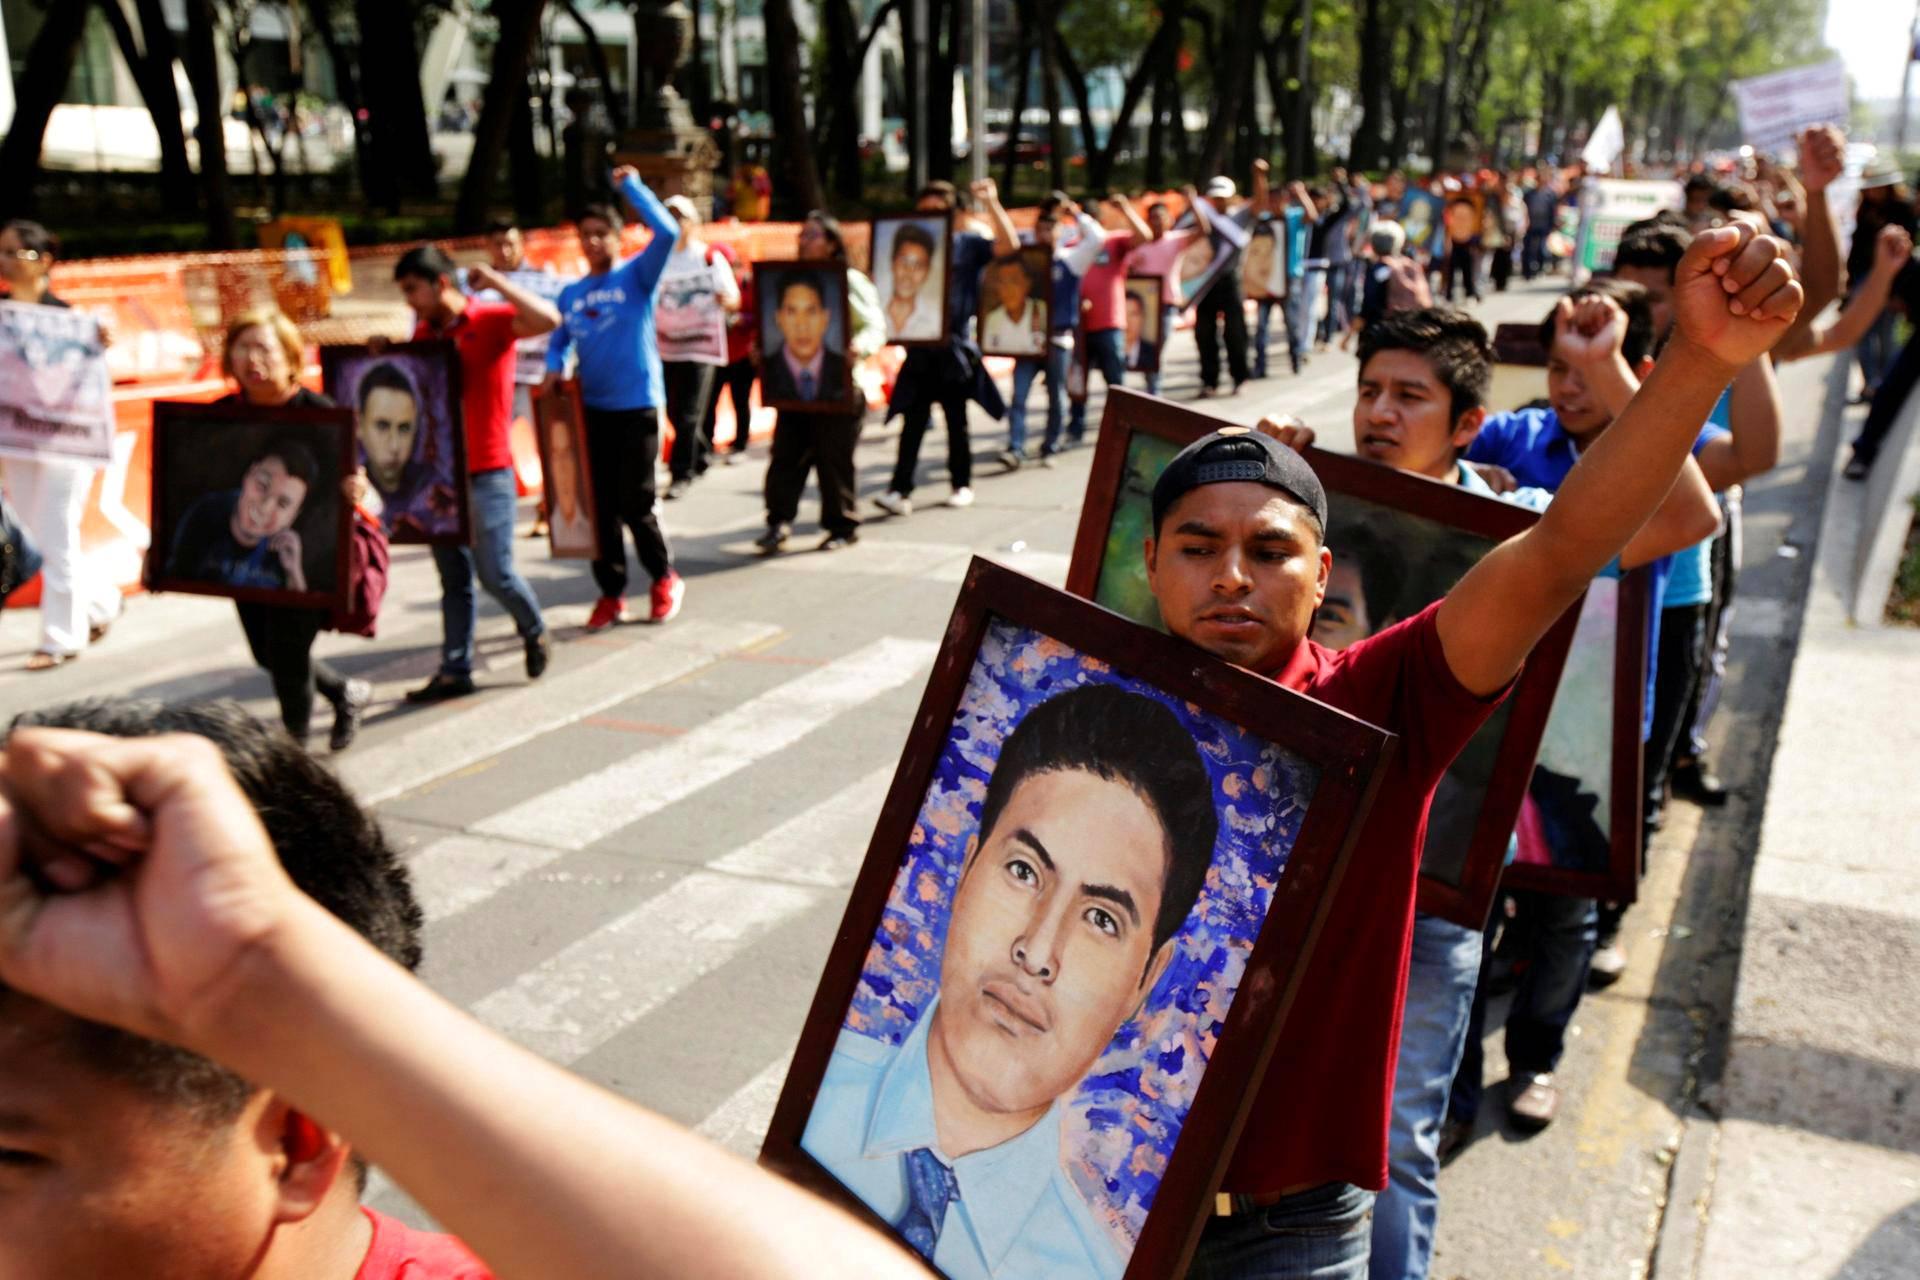 Opiskelijoiden oikeuksia vaativat nuoret marssivat kadonneiden opiskelijoiden kuvien kanssa mielenosoituksessa Méxicossa. Vuonna 2014 43 opiskelijaa kidnapattiin opintomaksujen korotusta vastaan järjestetyssä mielenosoituksessa. Tutkinnan yhteydessä on pidätetty yli 70 ihmistä, muun muassa jengiläisiä, poliiseja sekä Igualan kaupungin pormestari José Luis Abarca sekä hänen vaimonsa.